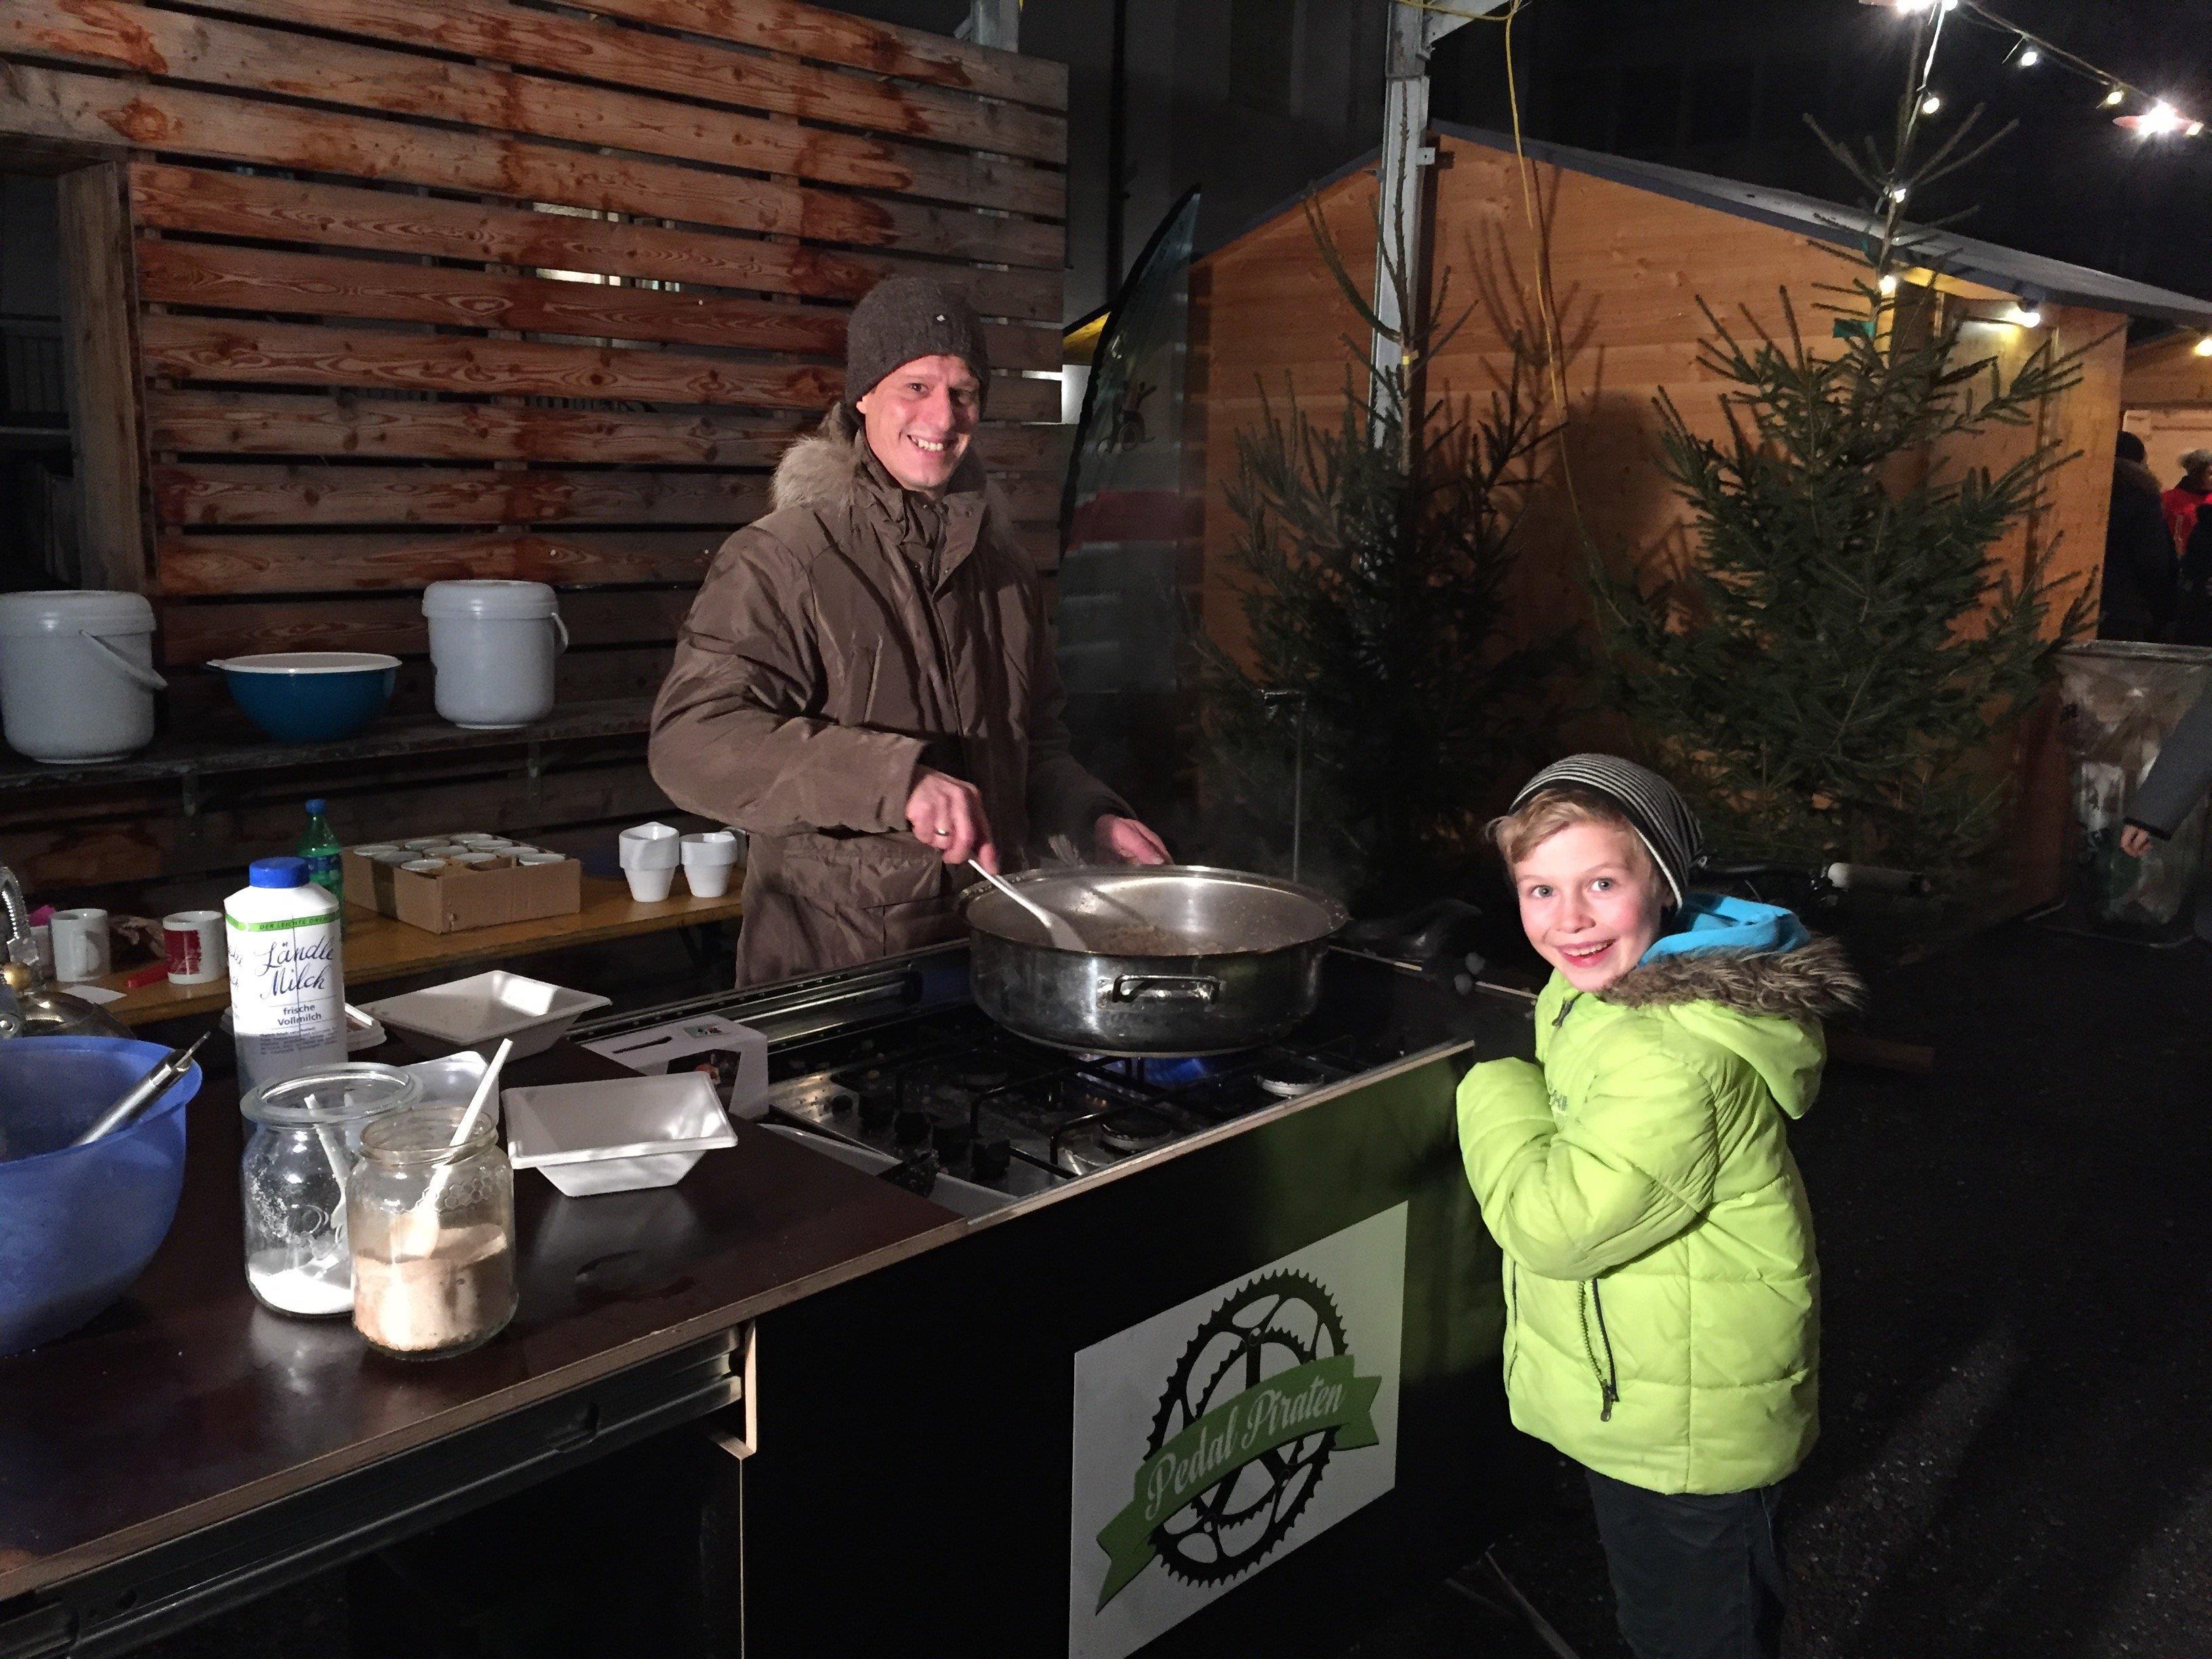 Andreas Maier kochte auf der Mobilen Küche leckeren Riebel. Luis freute sich.